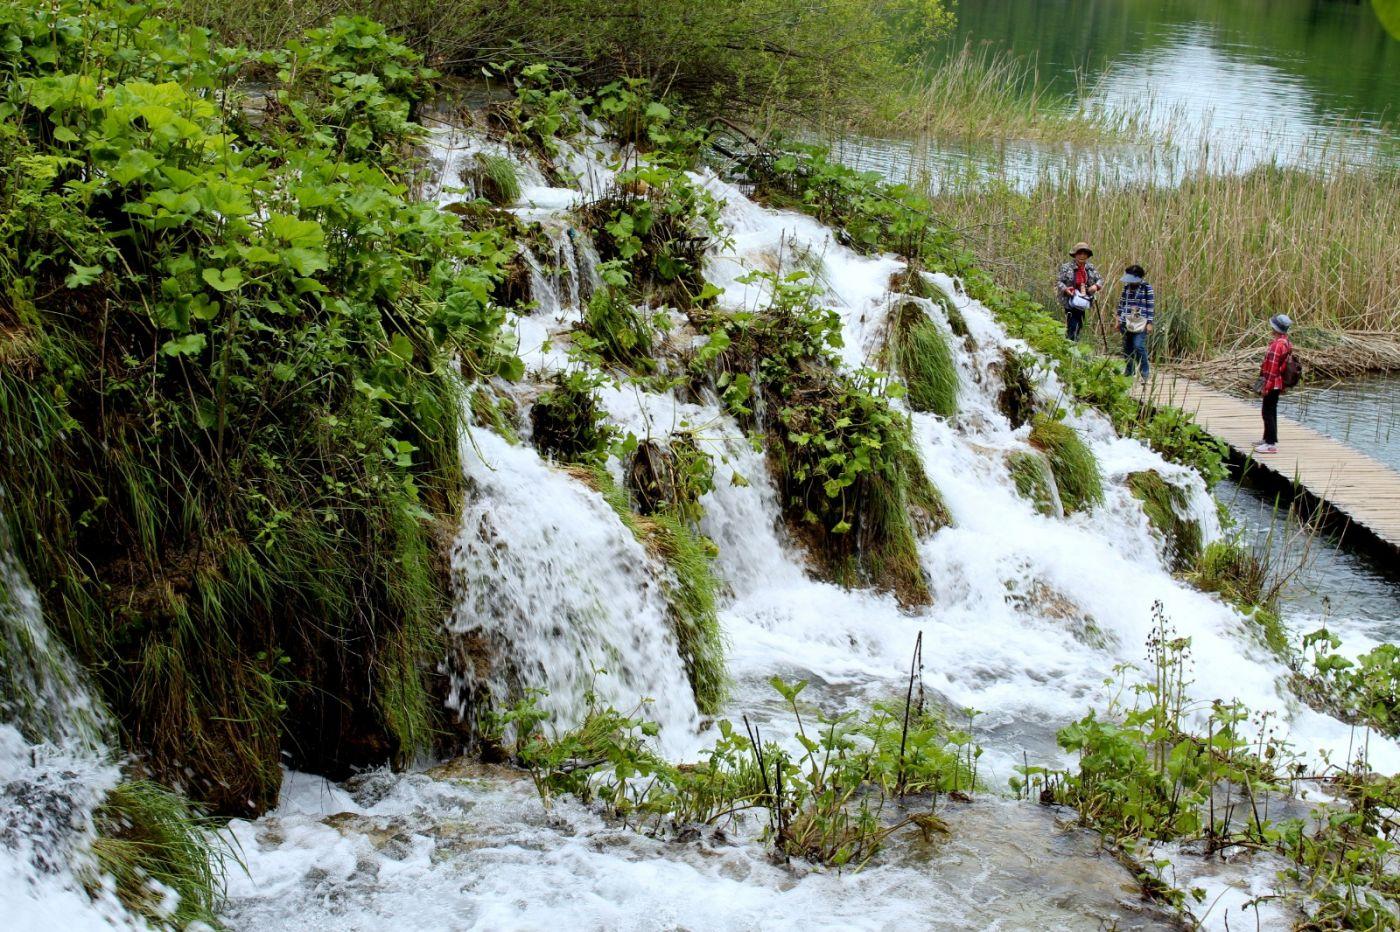 克罗地亚十六湖国家公园_图1-29